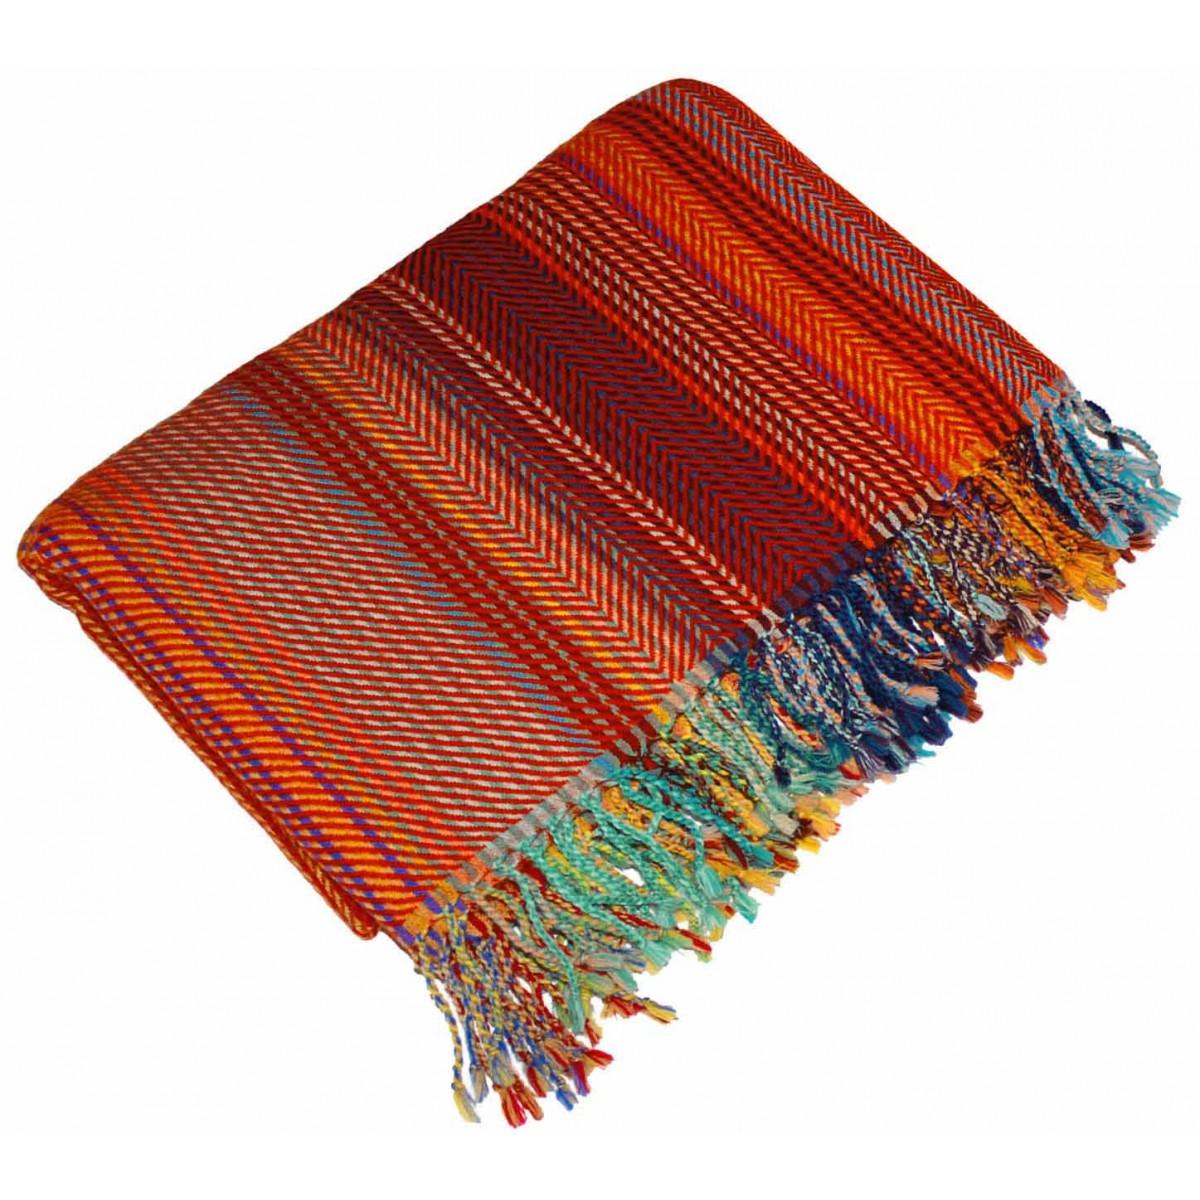 df973616a08bfd Schal, Krawatte & Decken - der Online Shop! Flauschige Wolldecke ...